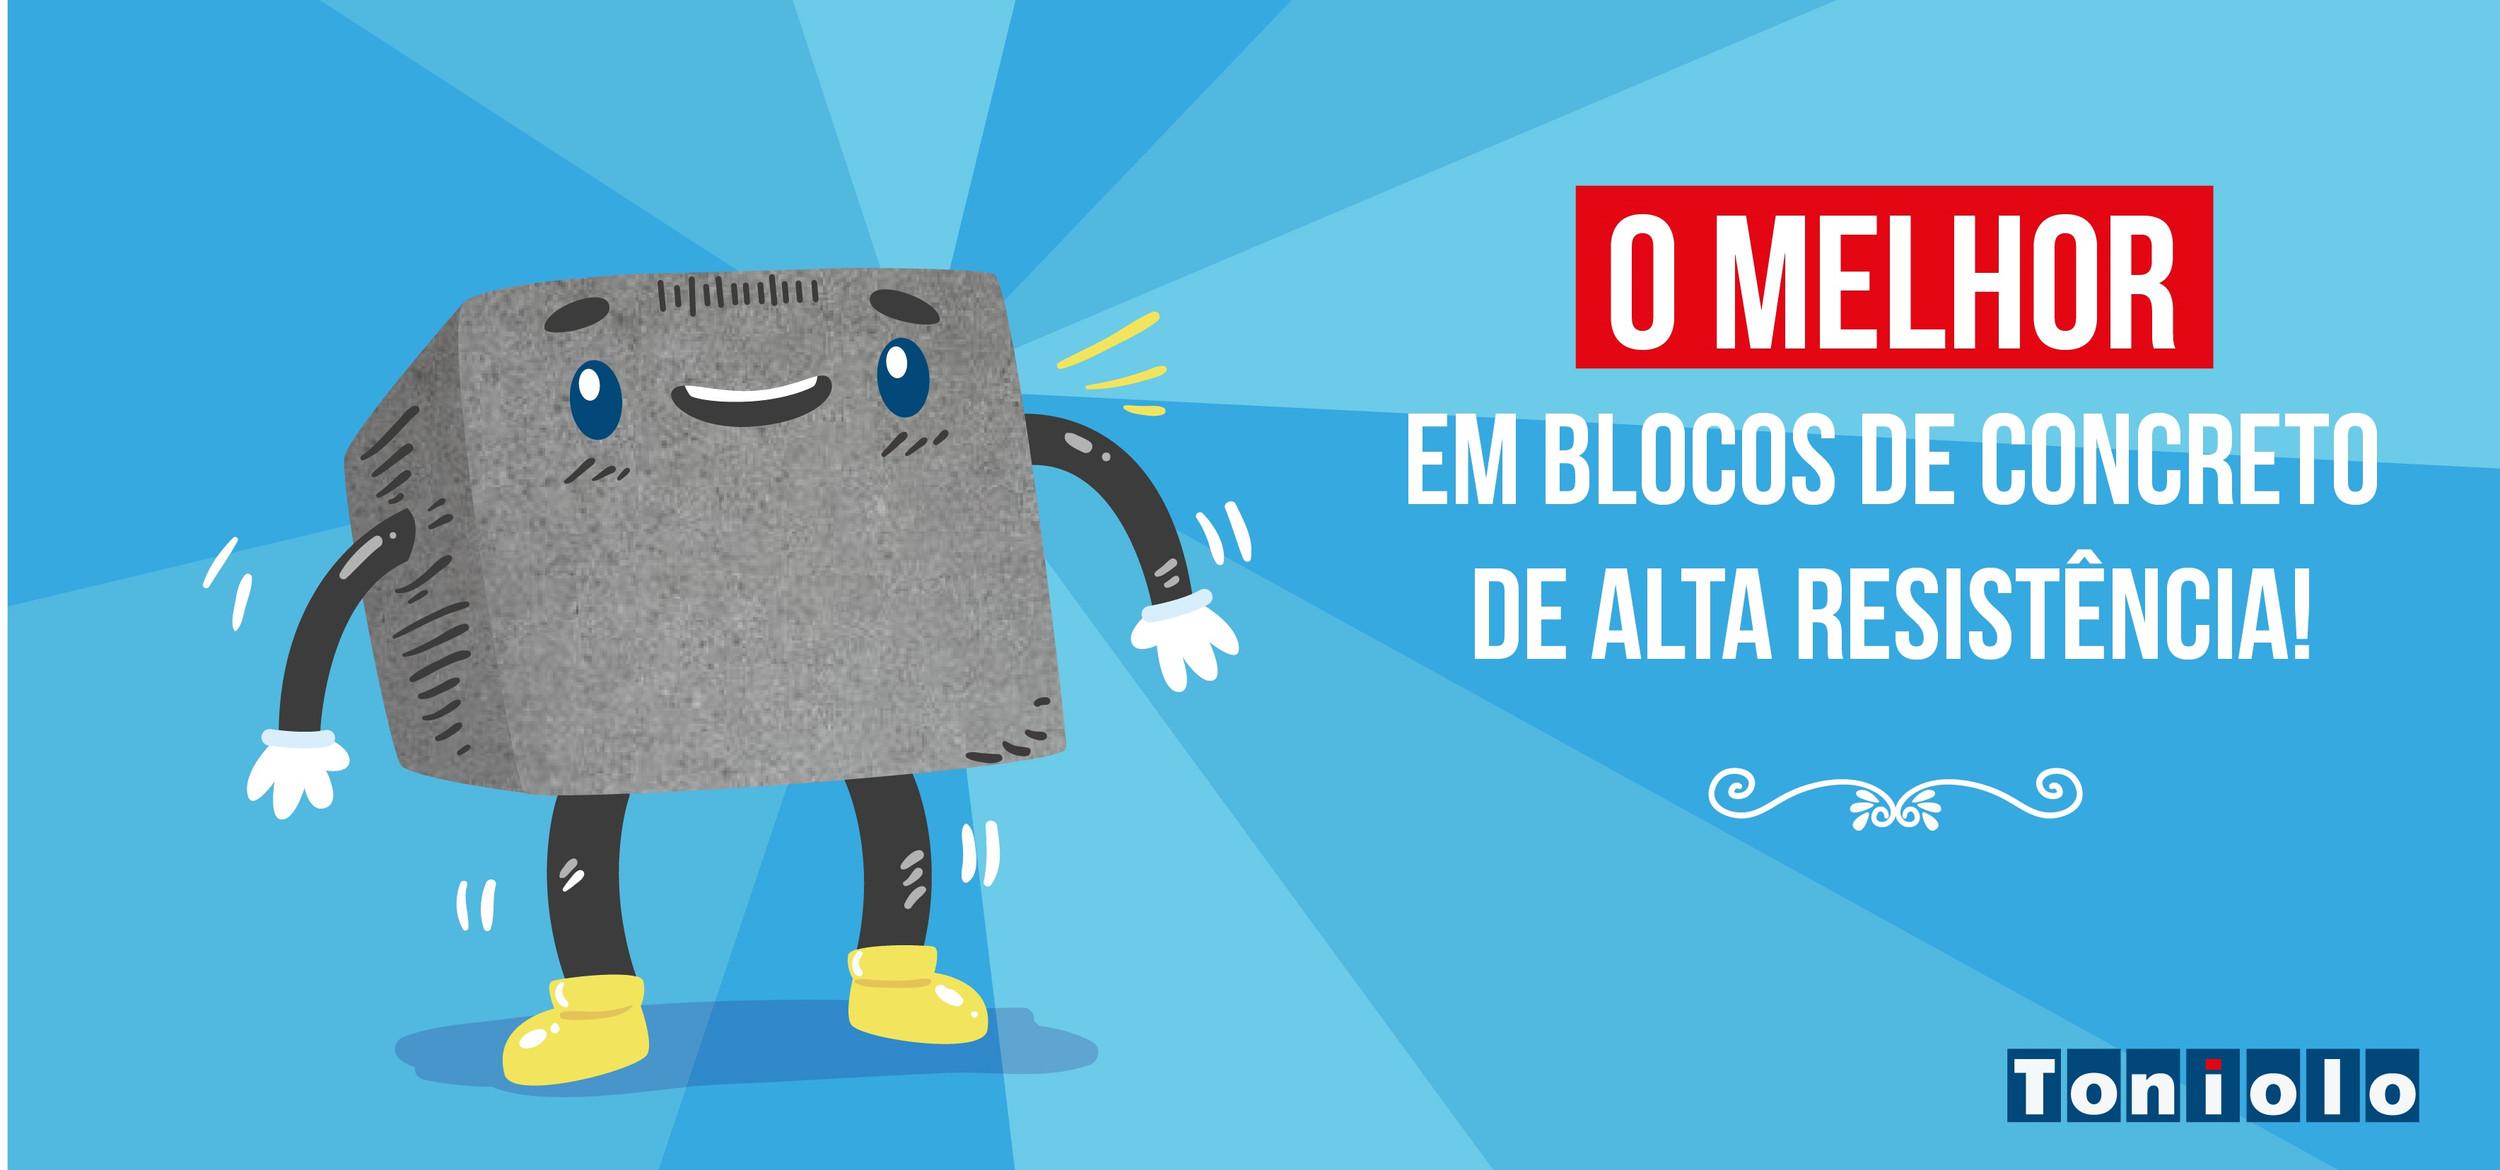 (c) Toniolopremoldados.com.br